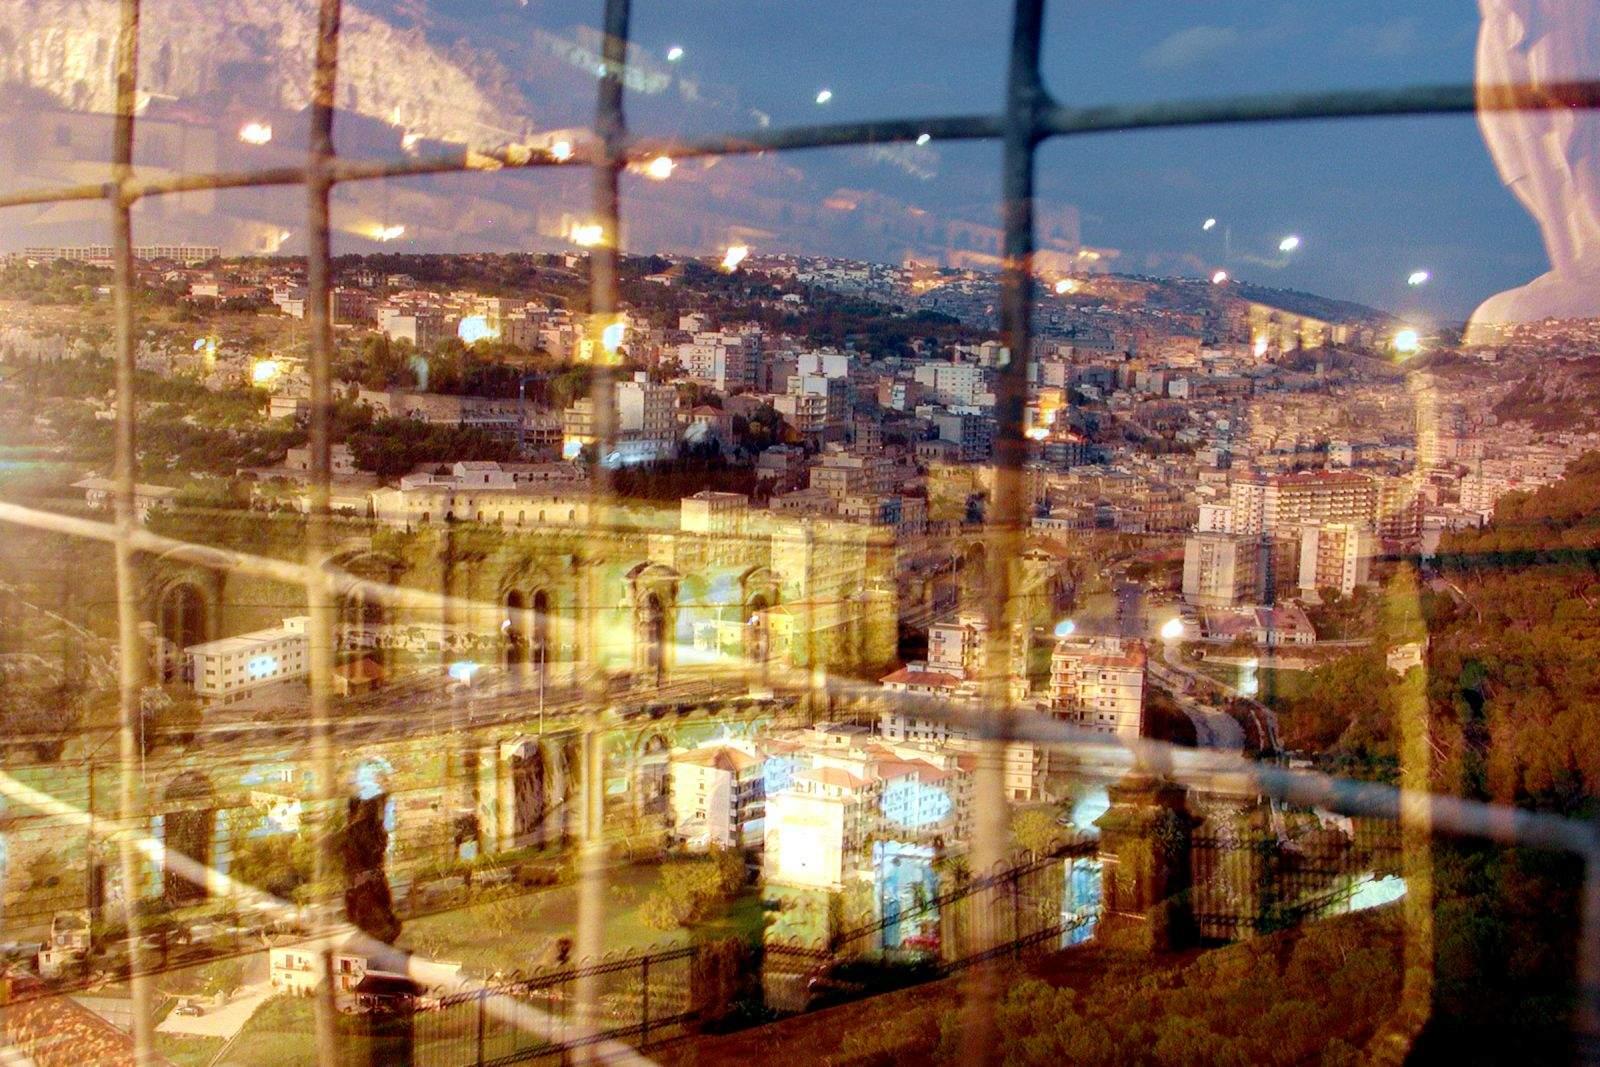 notturno_con_grata_del_ponte_copy-1600x12001